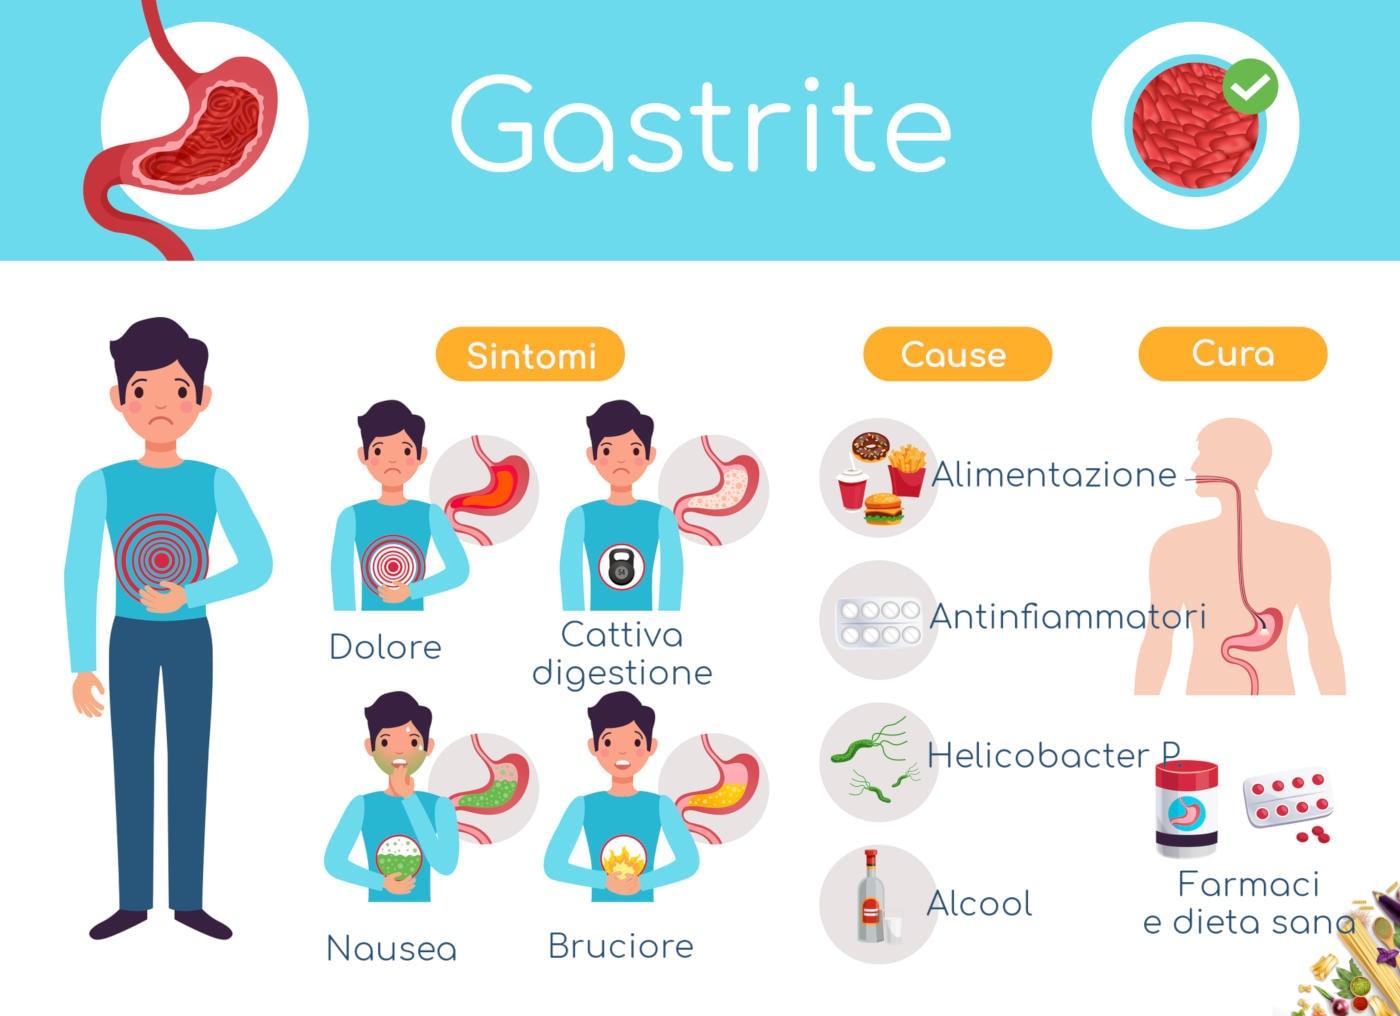 Infografica riassuntiva di cause, sintomi e rimedi per la gastrite